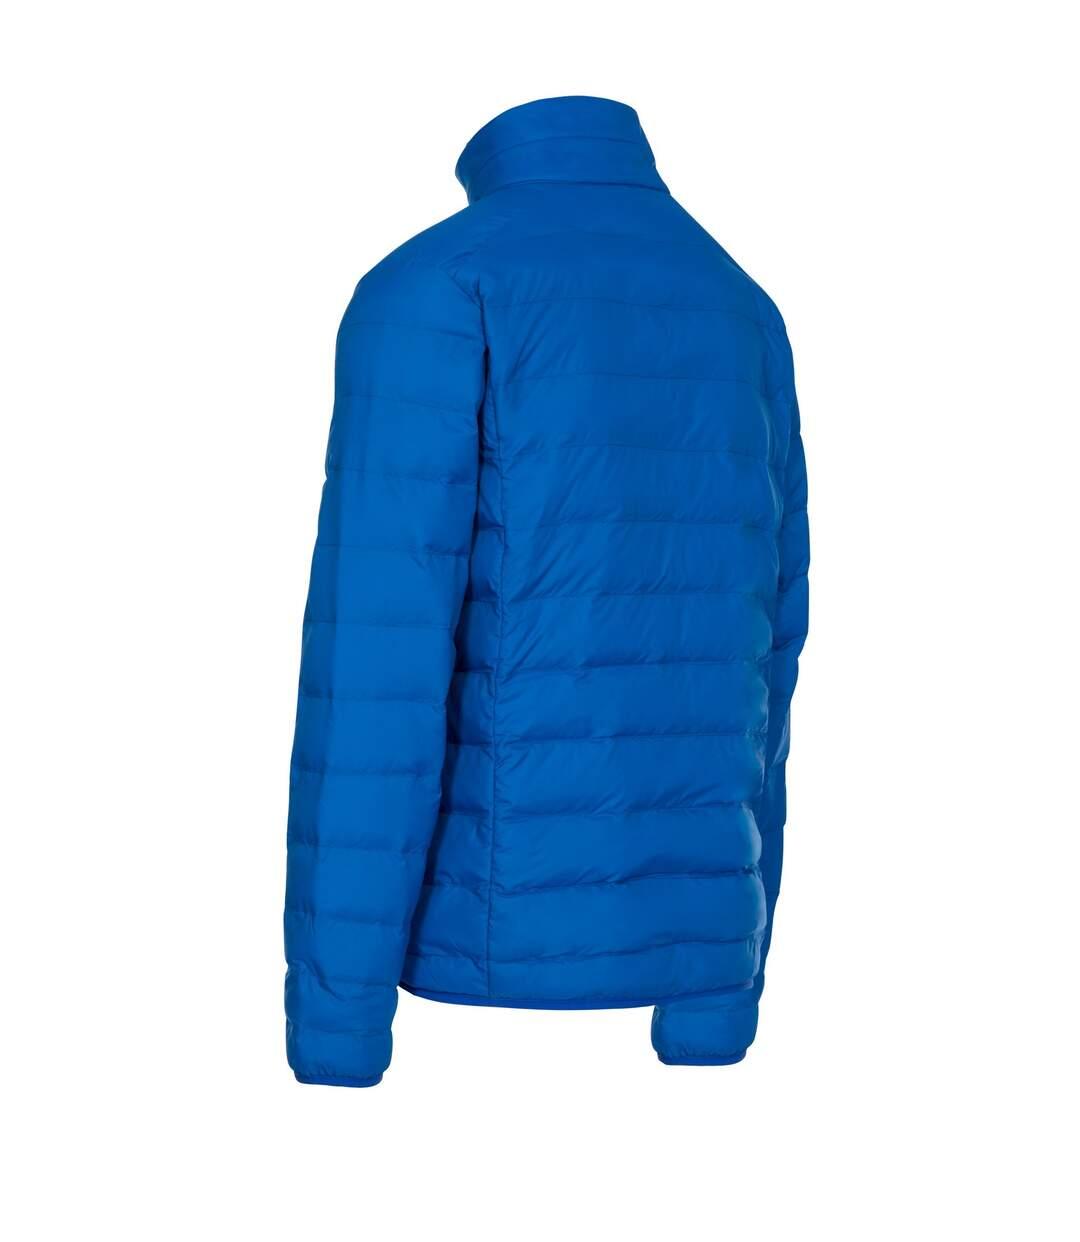 Trespass Mens Howat Casual Jacket (Blue) - UTTP4748